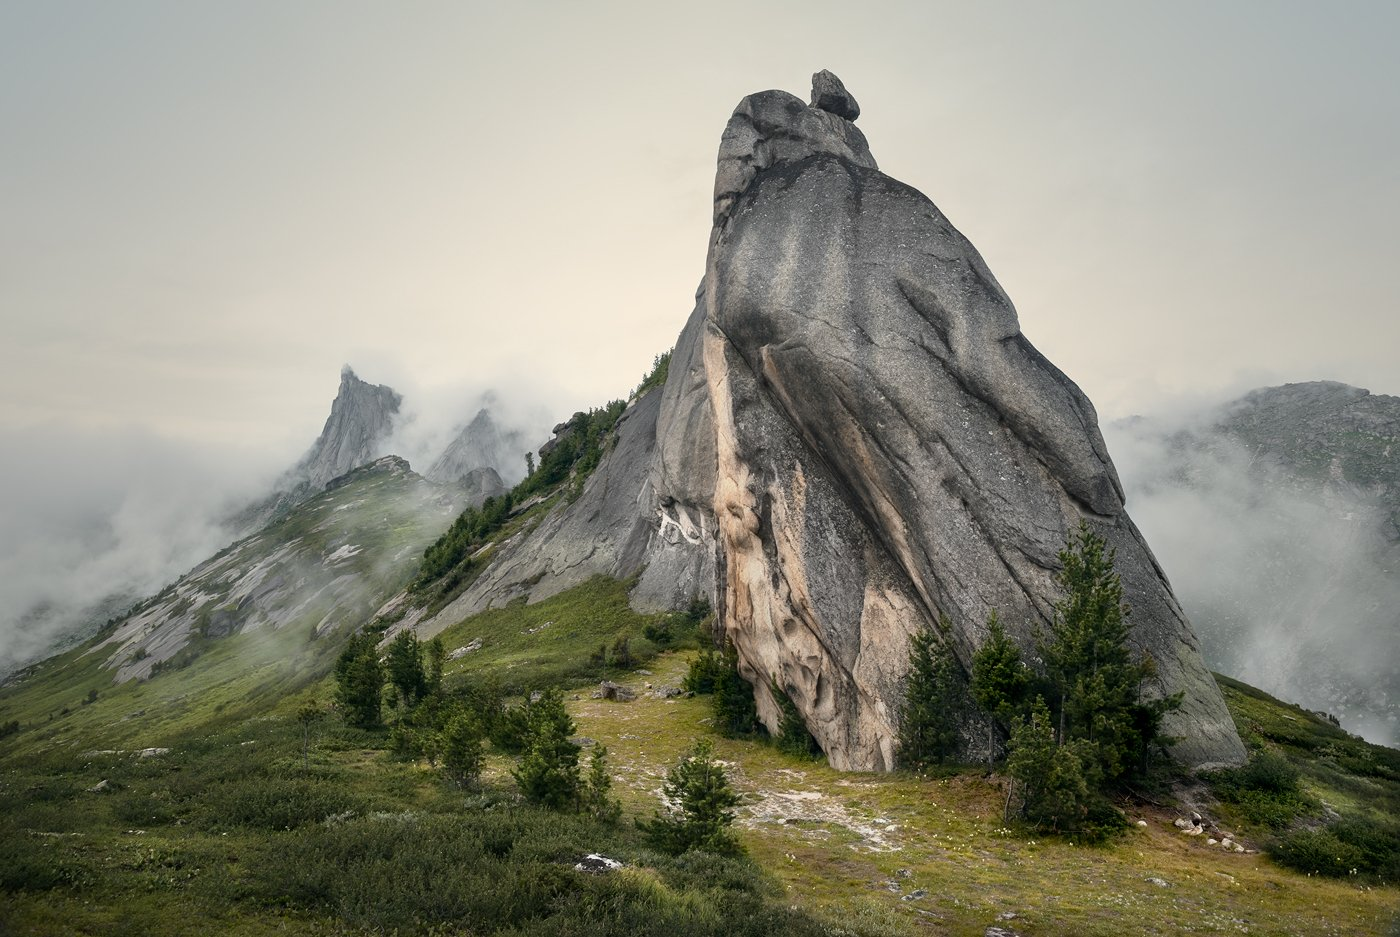 природа, пейзаж, красивая, большой, высокий, горы, скалы, вершина, пик, камни, туман, облака, густой, ергаки, саяны, красноярский край, путешествие, туризм, поход, Дмитрий Антипов